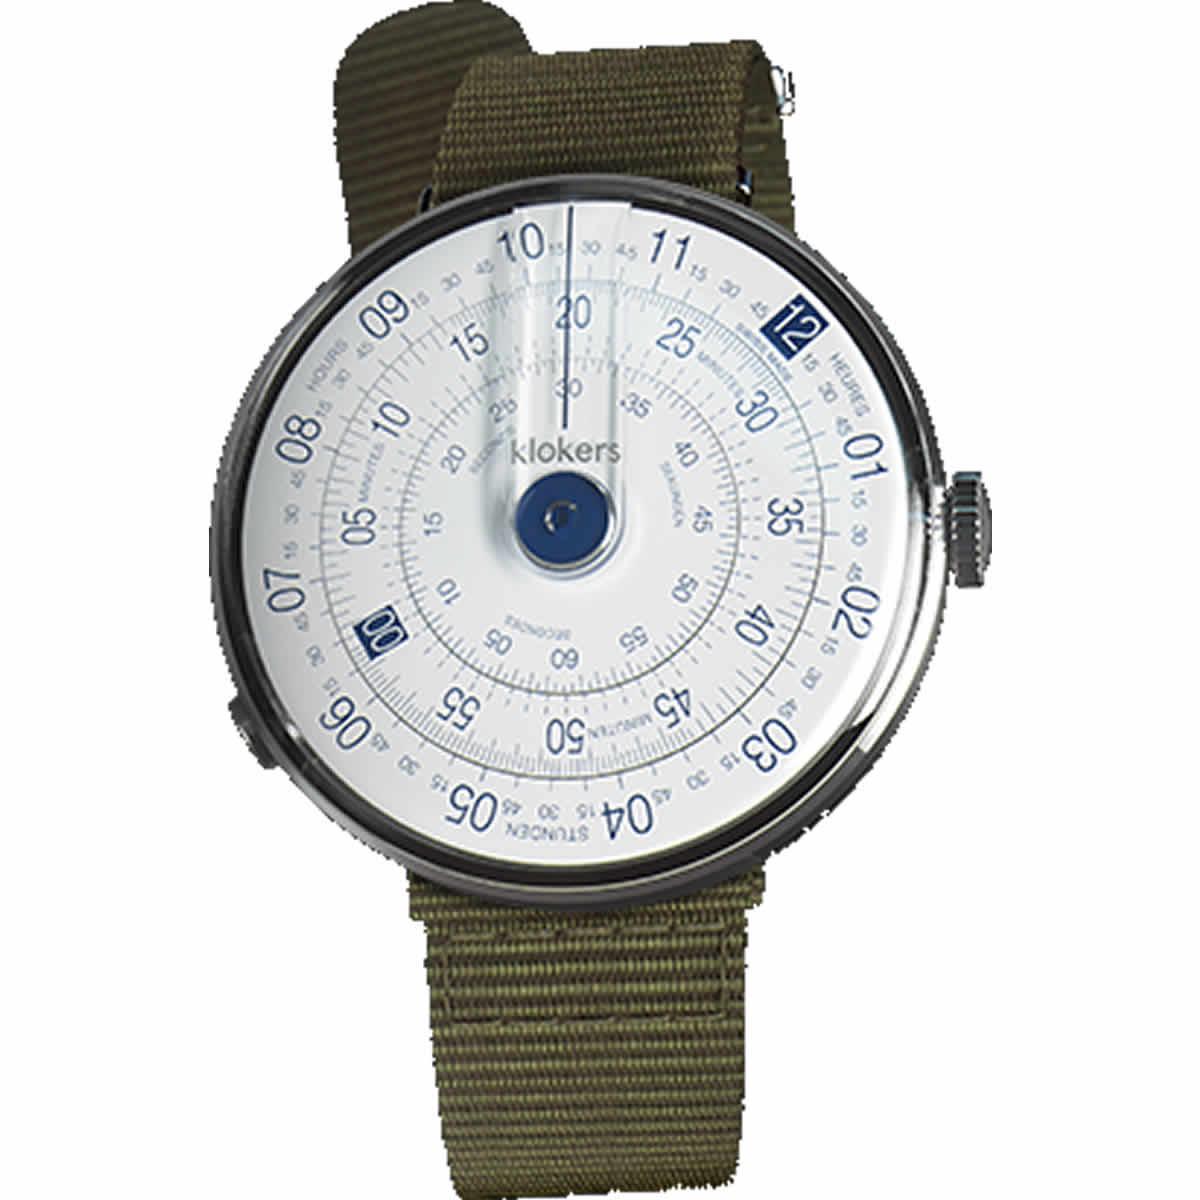 こちらはklokers(クロッカーズ)KLOK-01-D4 腕時計とナイロンベルト グレーのベルトをセットにしてお届けいたします。